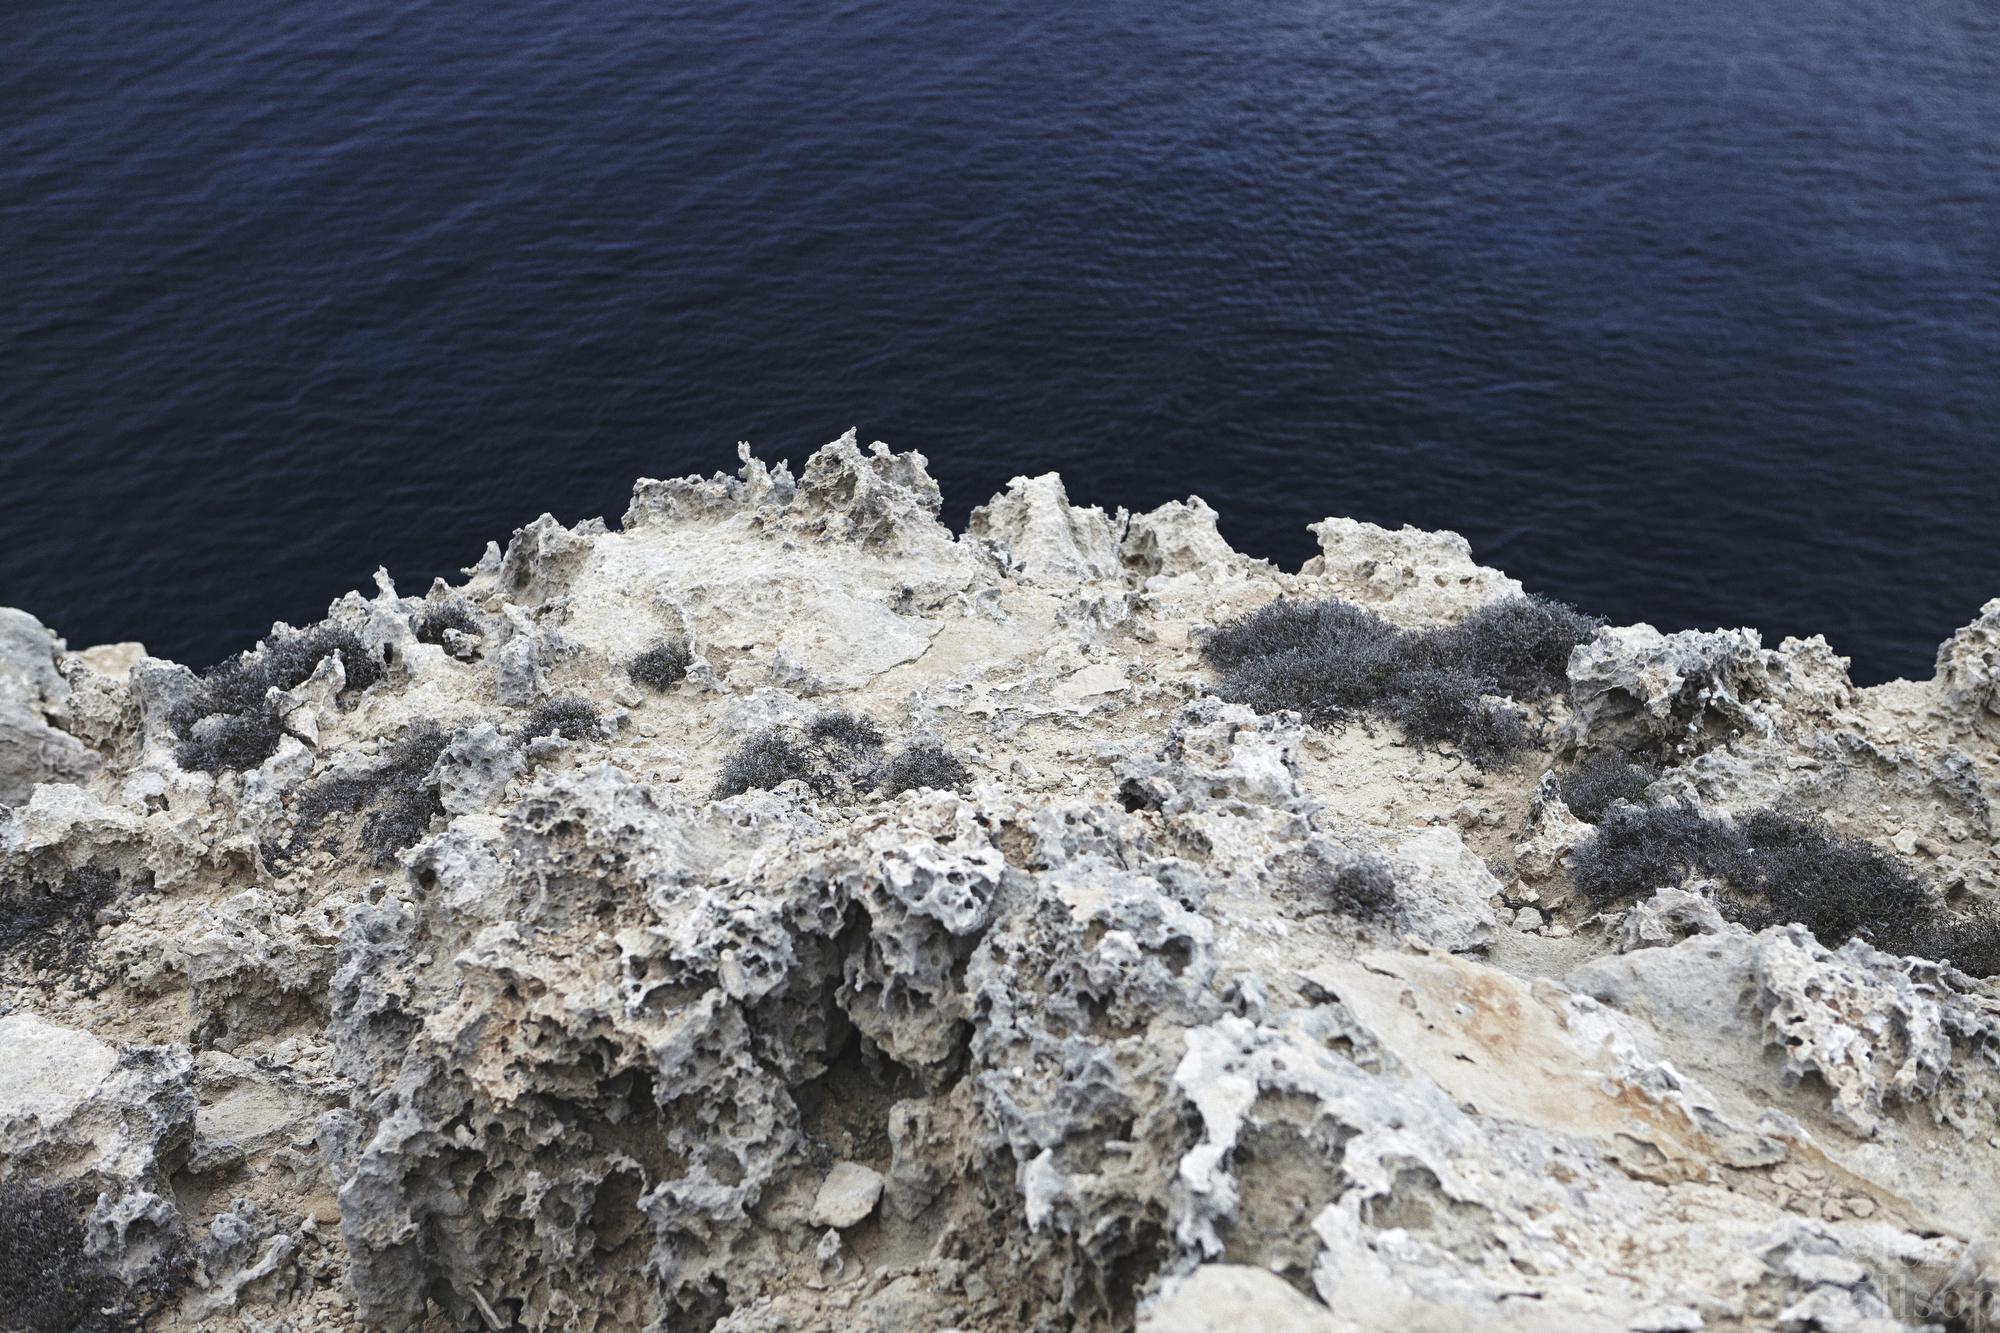 cliff-formentera-spain-rocky-glen allsop